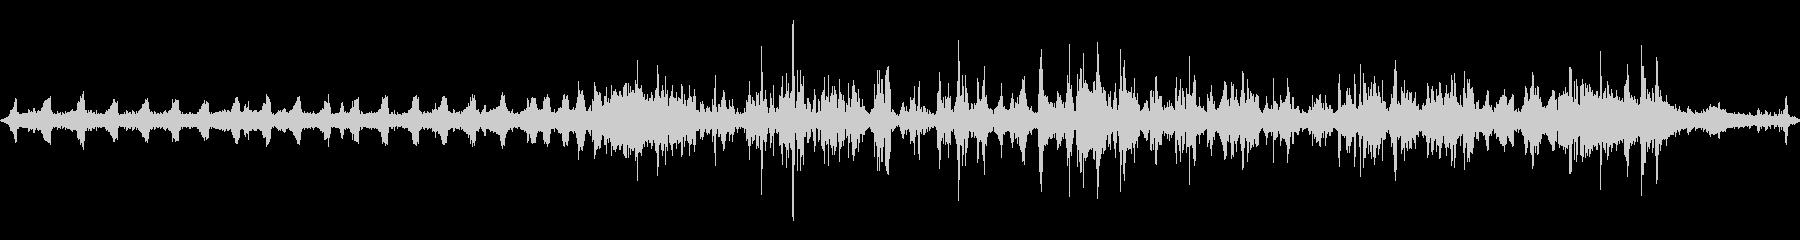 山で録ったカラスとセミの音の未再生の波形